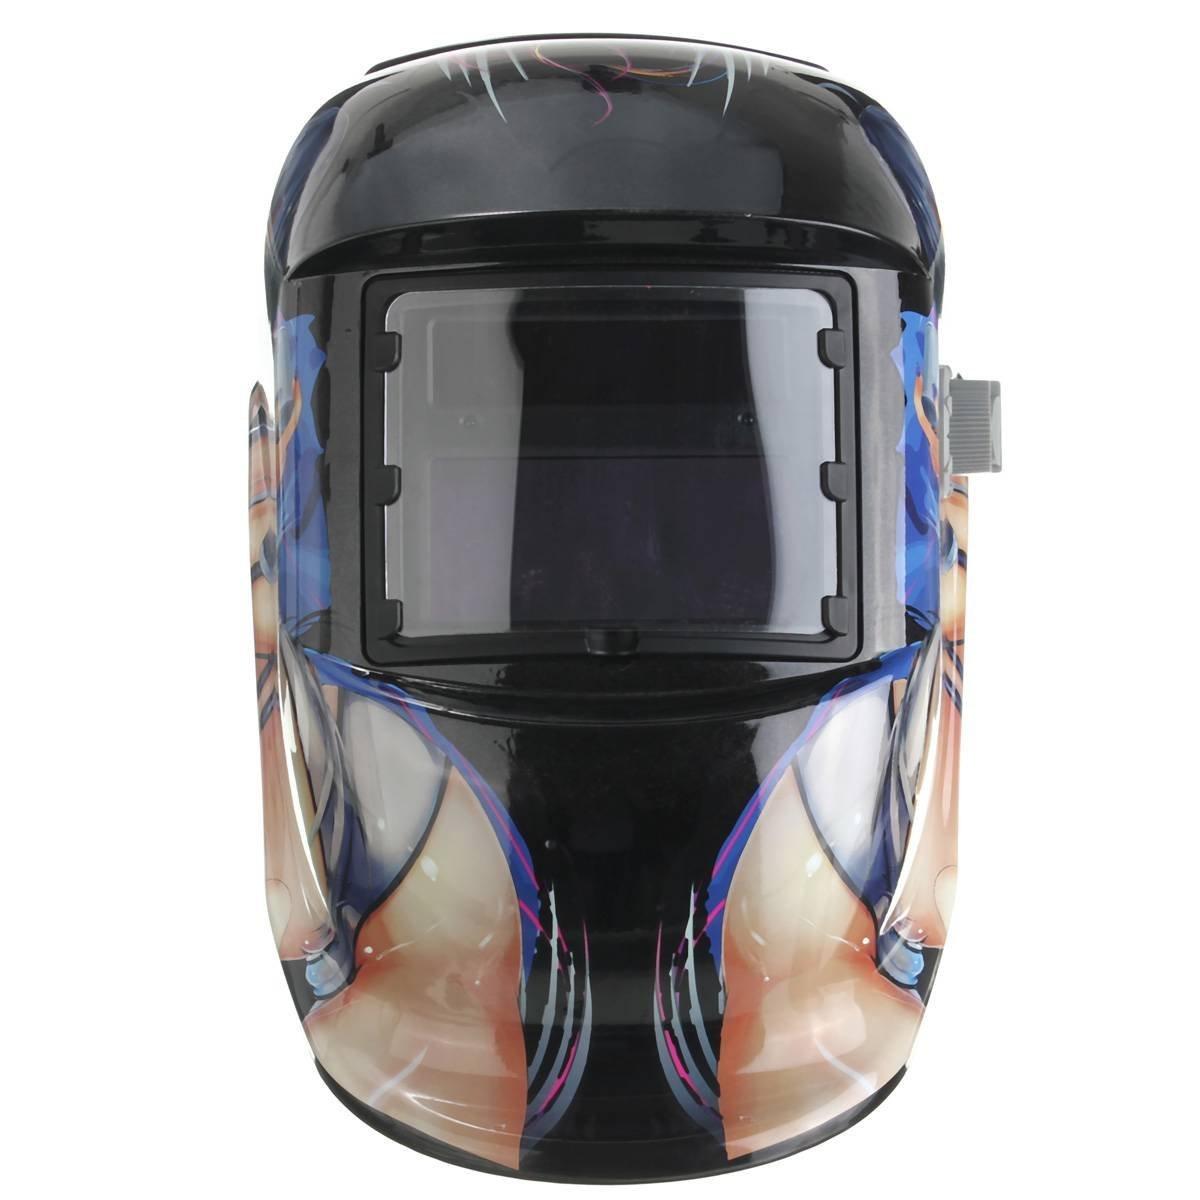 5x p2 masque de soudure cagoule casque soudage solaire. Black Bedroom Furniture Sets. Home Design Ideas